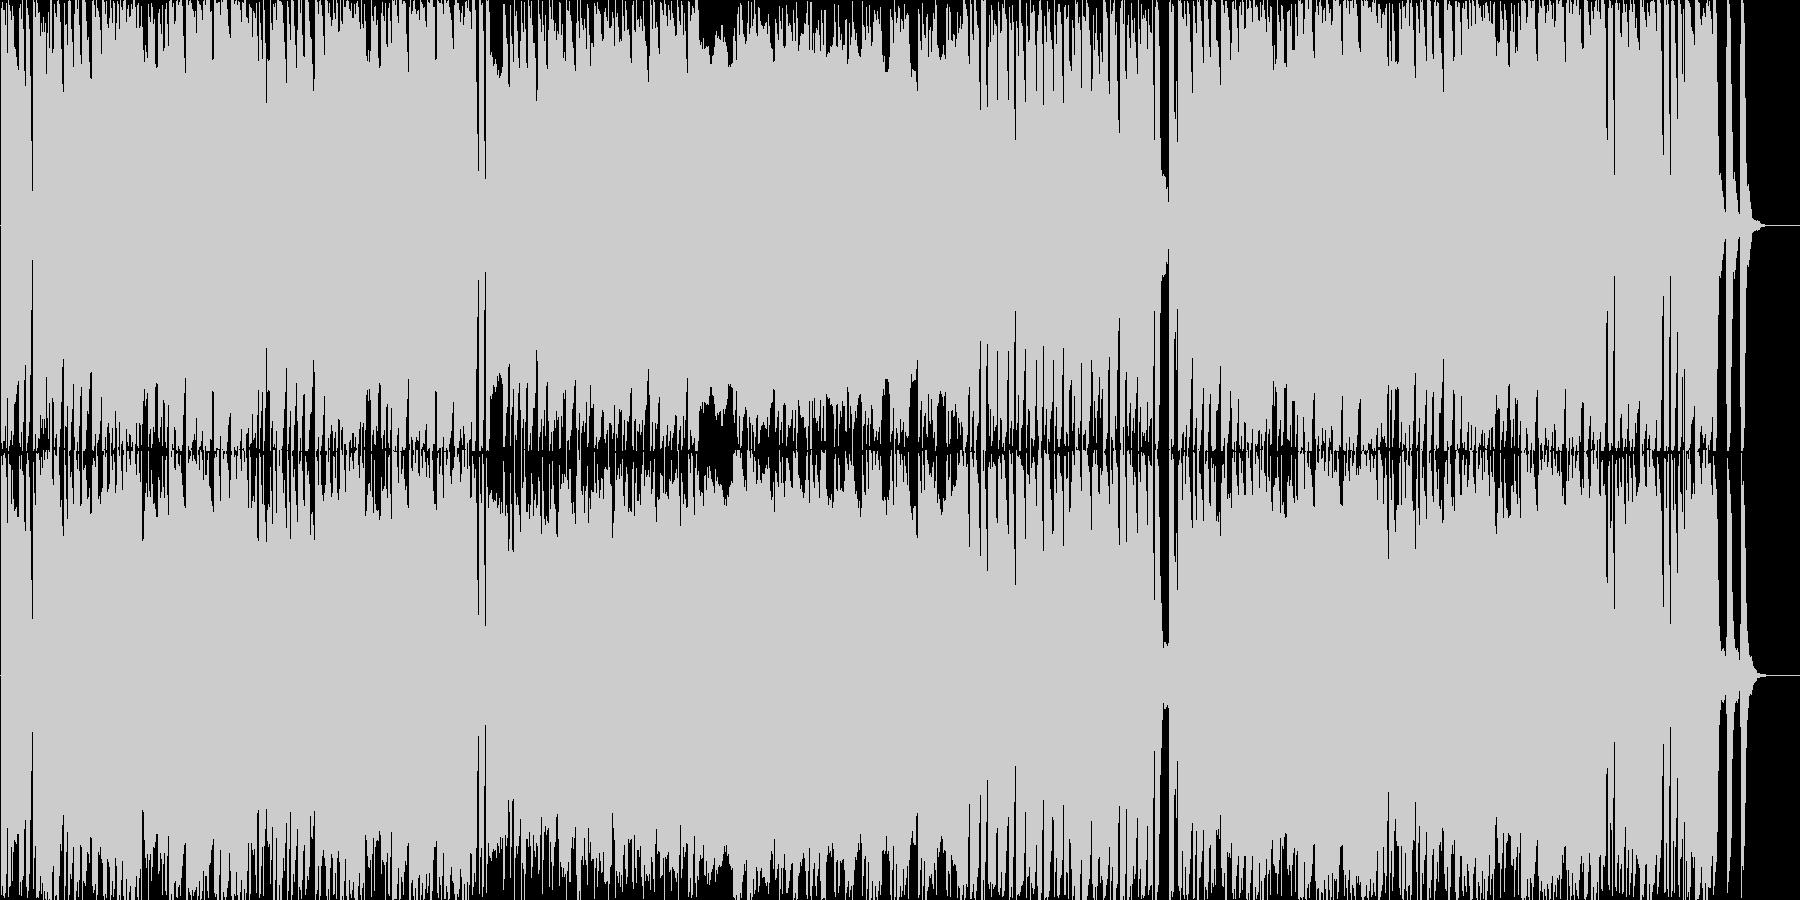 ピチカートメインのかわいく軽快なBGMの未再生の波形